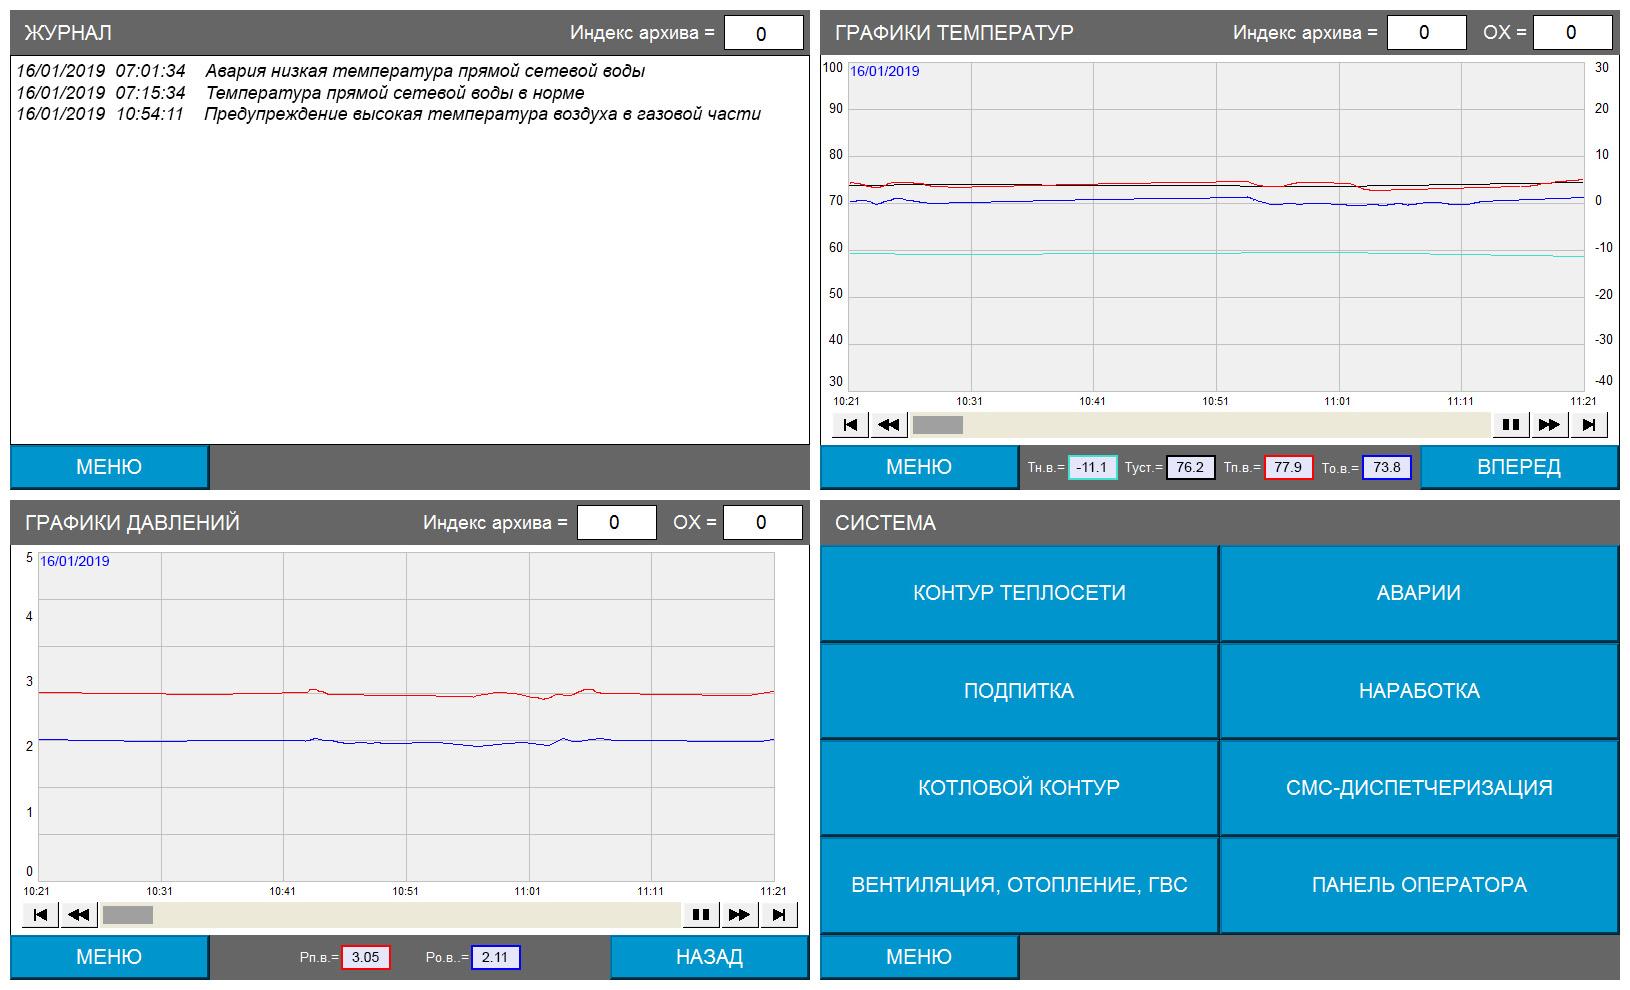 Пусконаладочные работы котельной 3.24МВт - экраны панели оператора Weintek 2